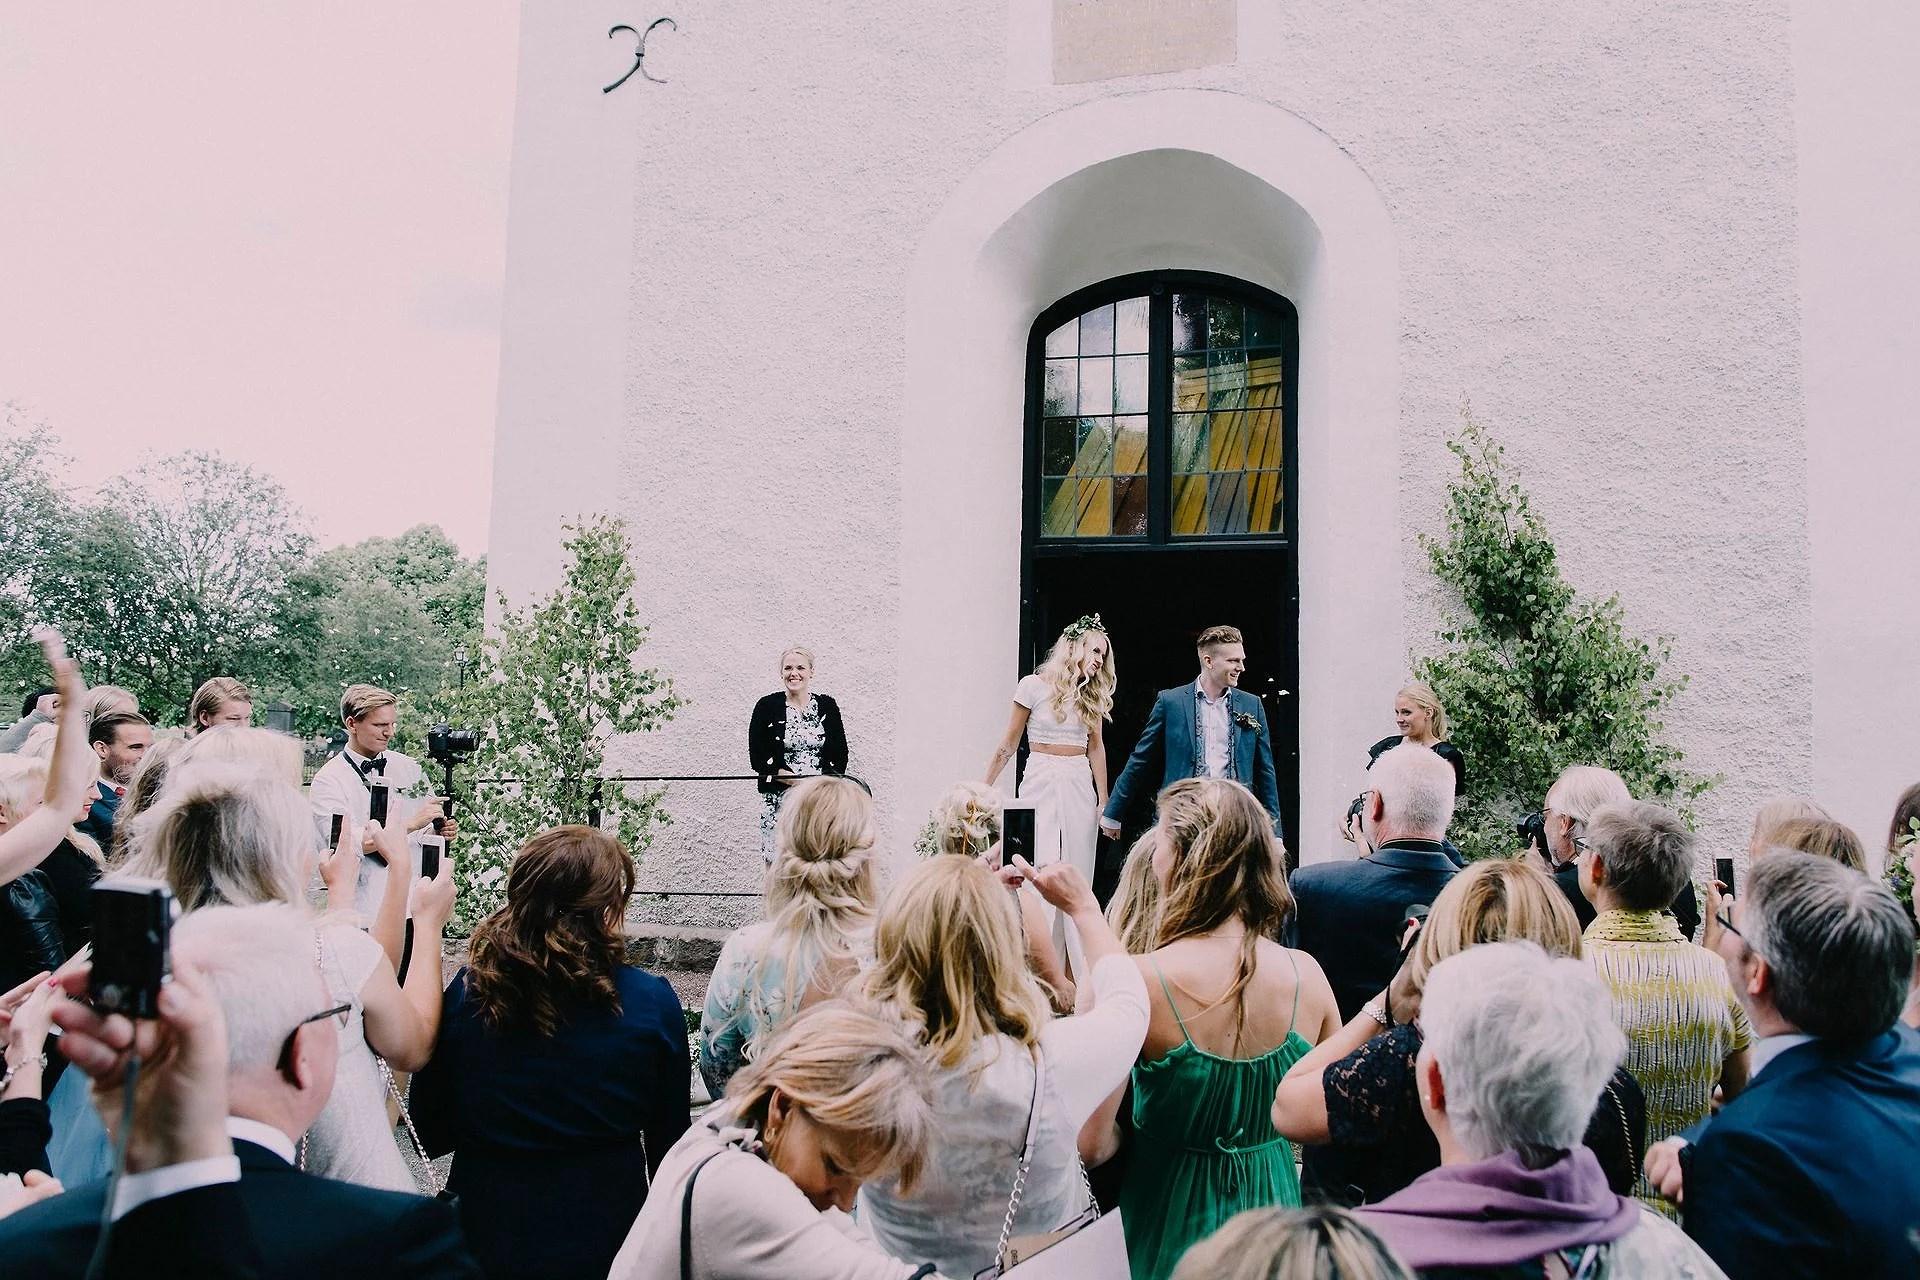 7926369bdb4d Men det är liksom alltid kul för folk som inte är på bröllopet att stalka  bilder, och då är en tydlig hashtag superbra!